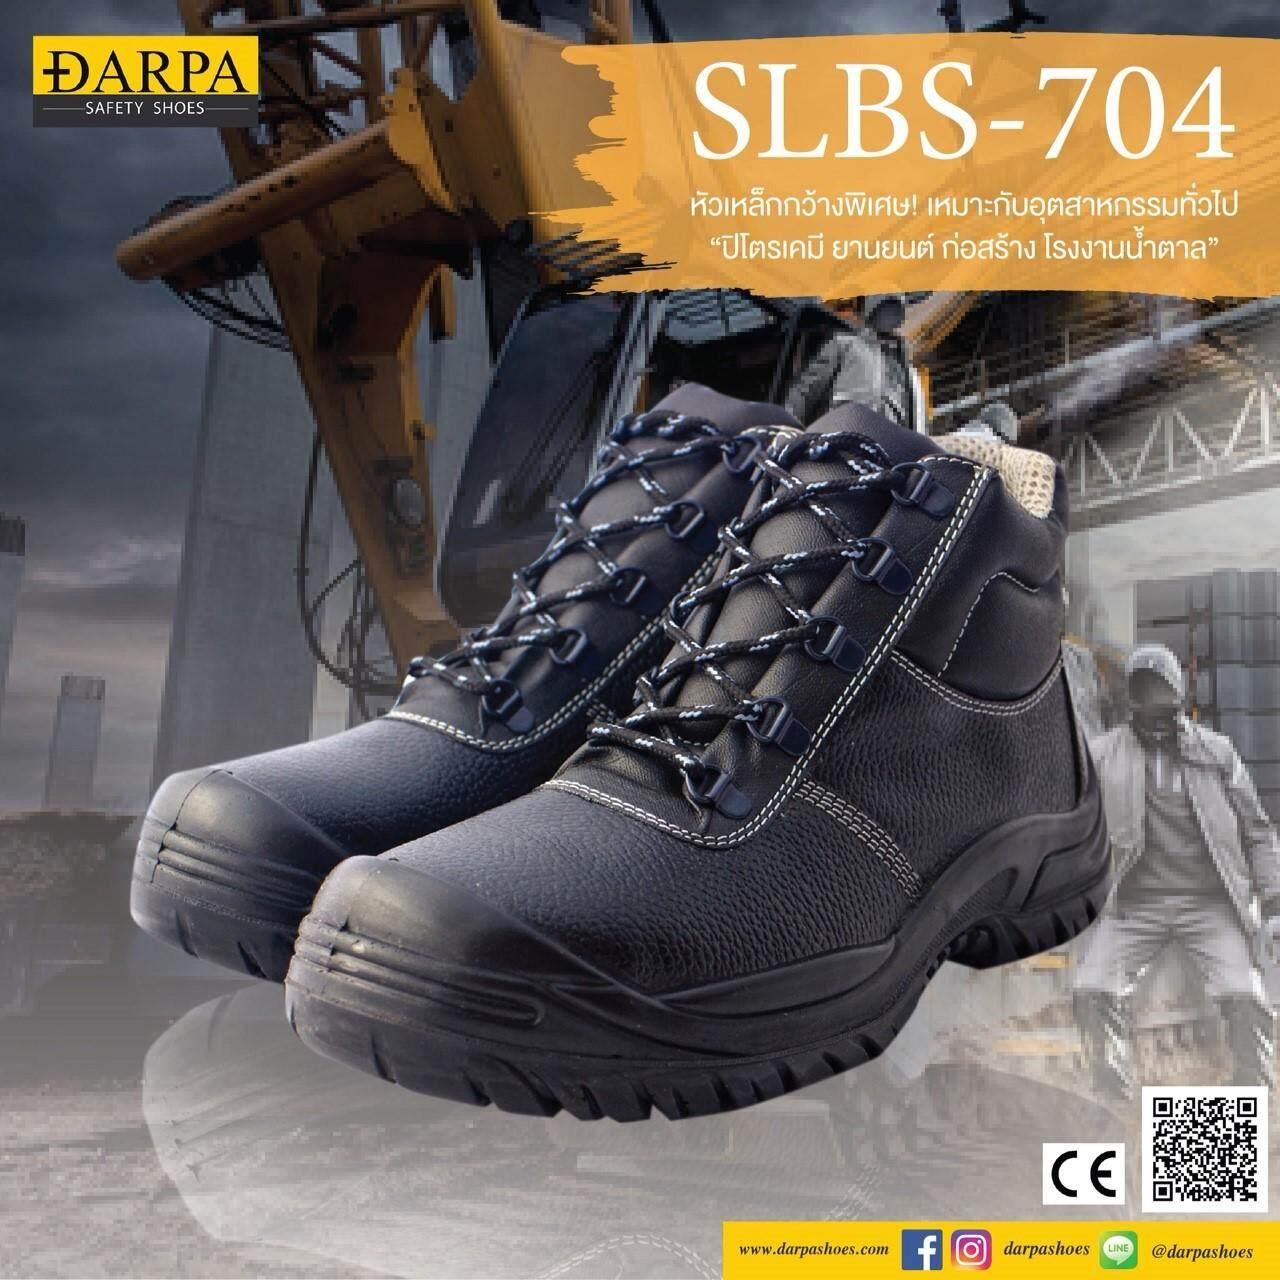 Ankle Boots3530 ค้นพบสินค้าใน รองเท้าบูทหุ้มข้อเรียงตาม:ความเป็นที่นิยมจำนวนคนดู: